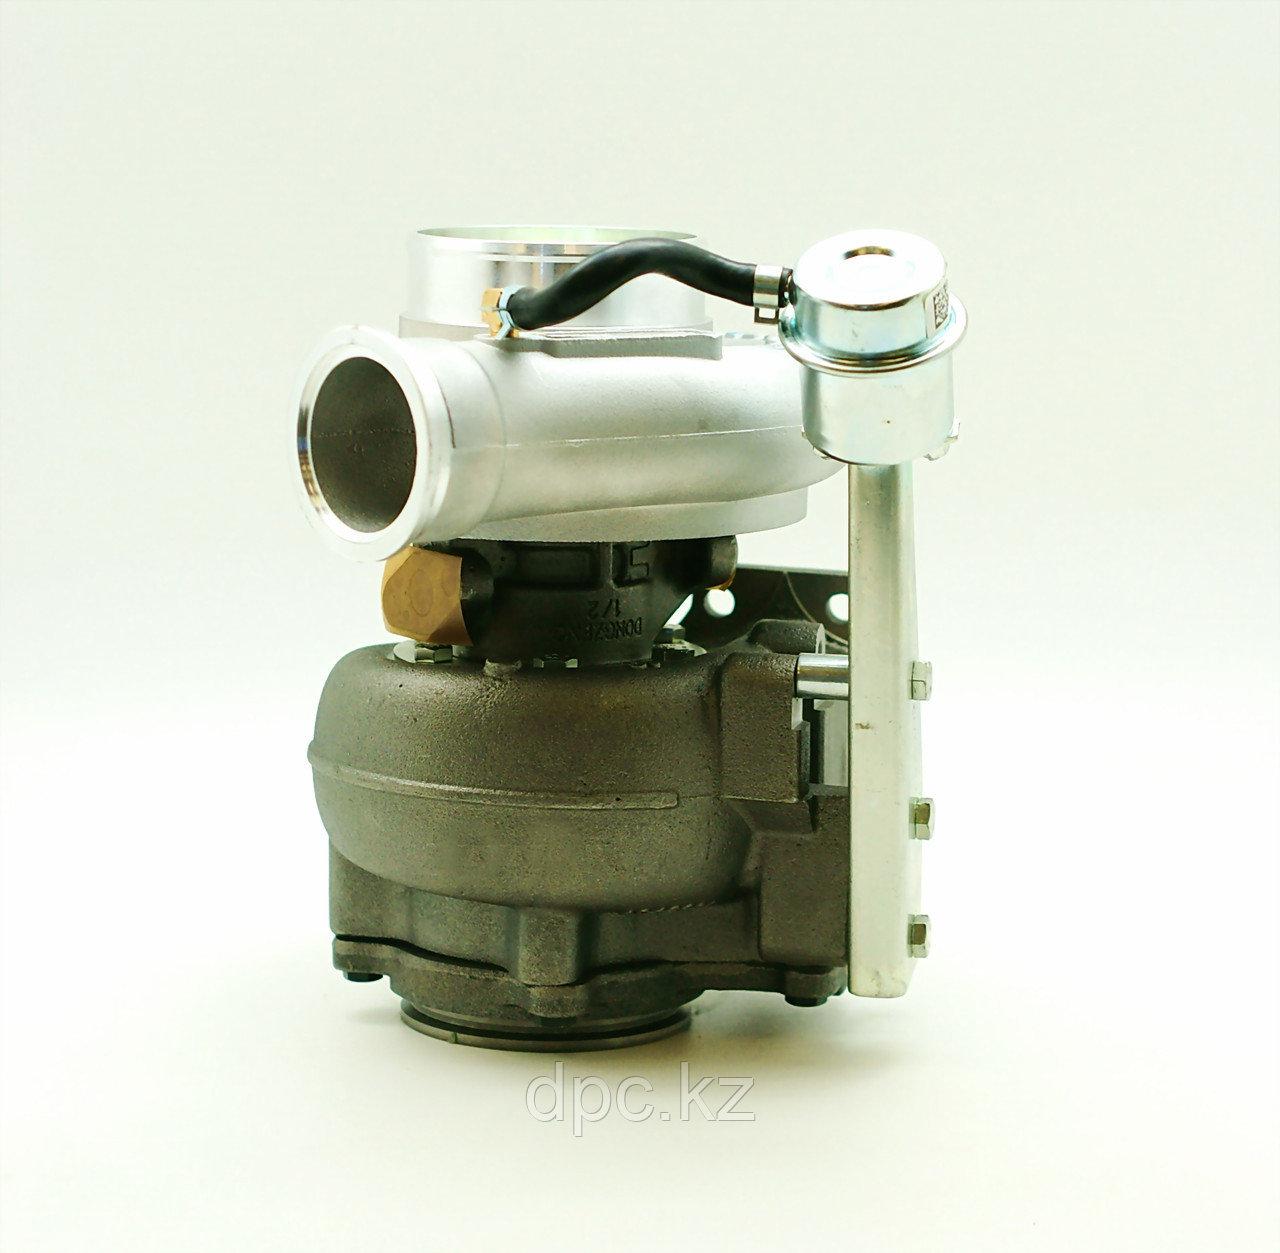 Турбокомпрессор HX40W 340-375 л.с. Евро-3 4045570 4045054 4045055 4033024 4955900